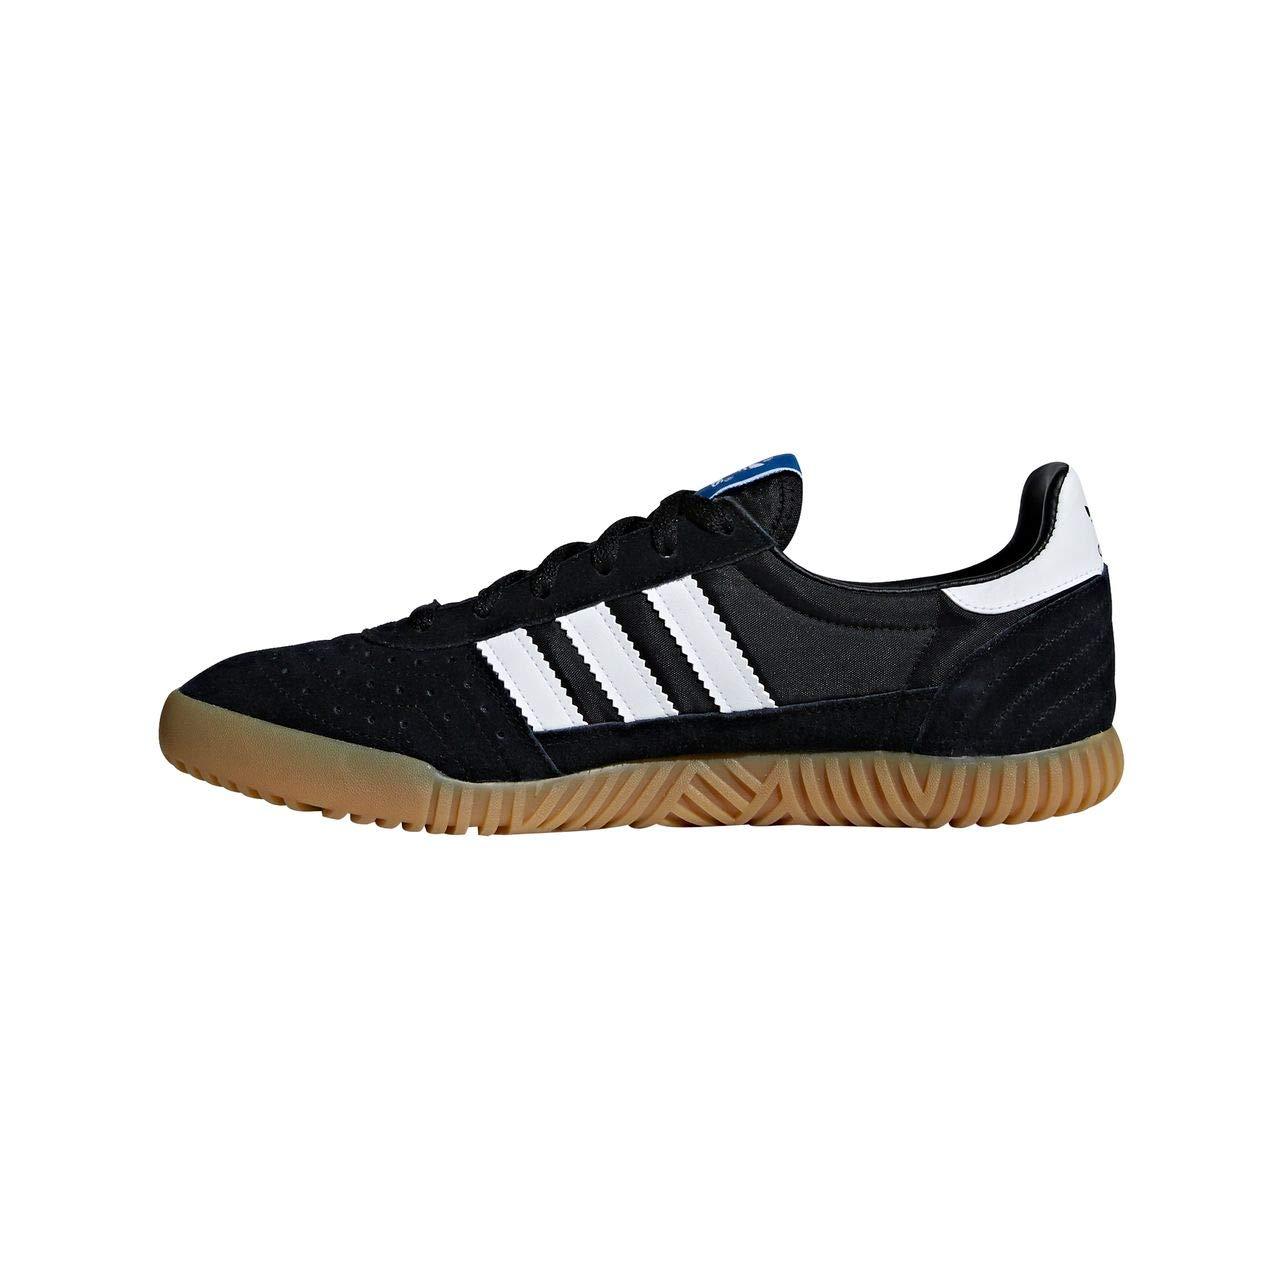 adidas Originals Indoor Super, core Black Footwear White Gum